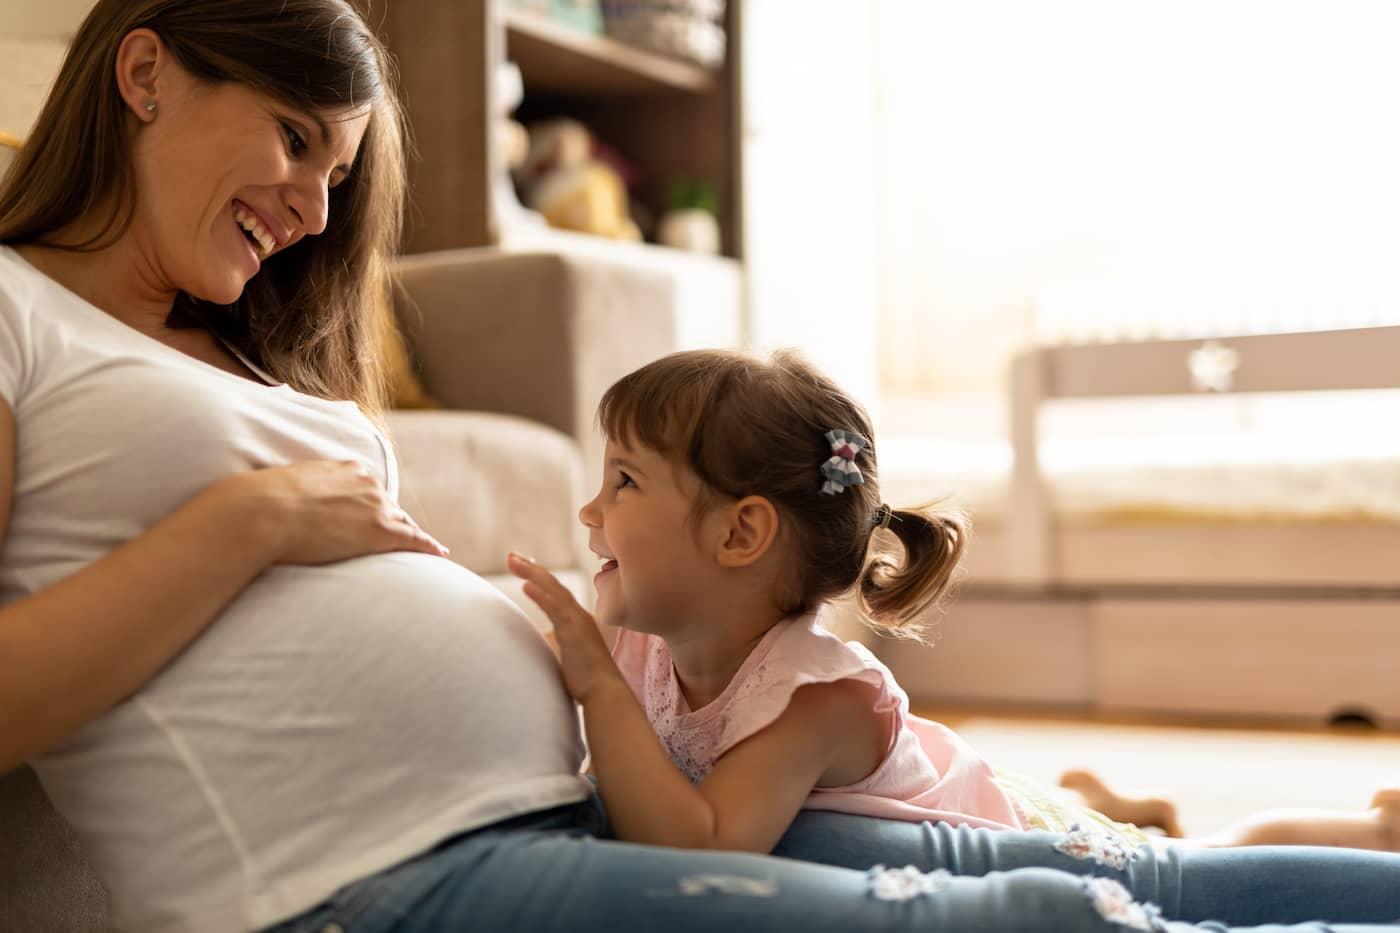 Δεύτερο παιδί: Πώς θα ανακοινώσεις στο πρώτο παιδί σου τη νέα εγκυμοσύνη